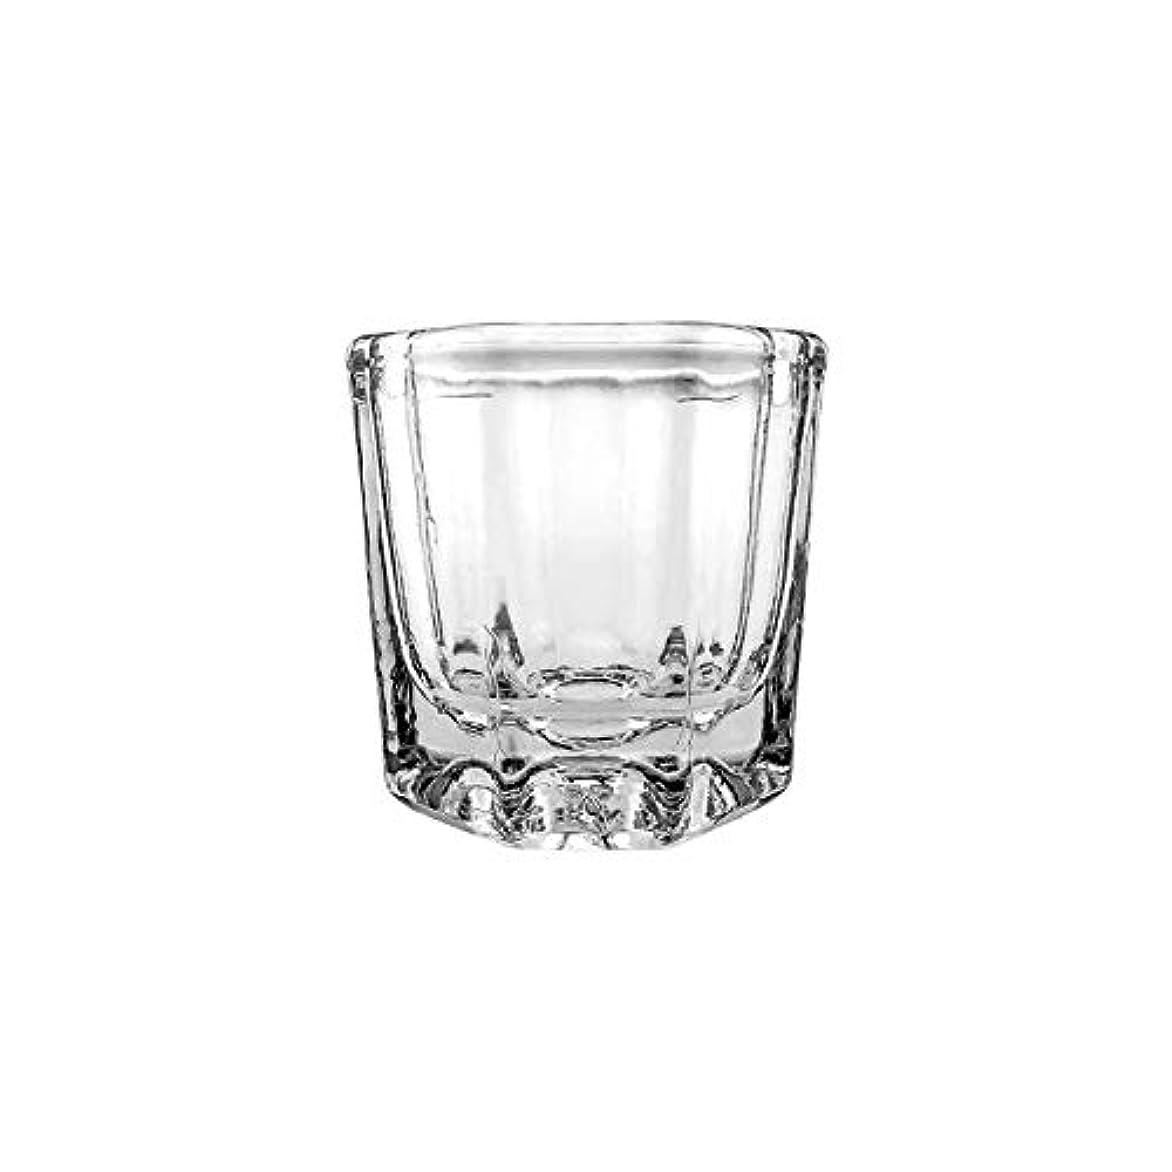 艶免疫するピッチLALONA ダッペンディッシュ (ガラス製) (耐溶剤) ジェルネイル スカルプチュア ブラシの洗浄に